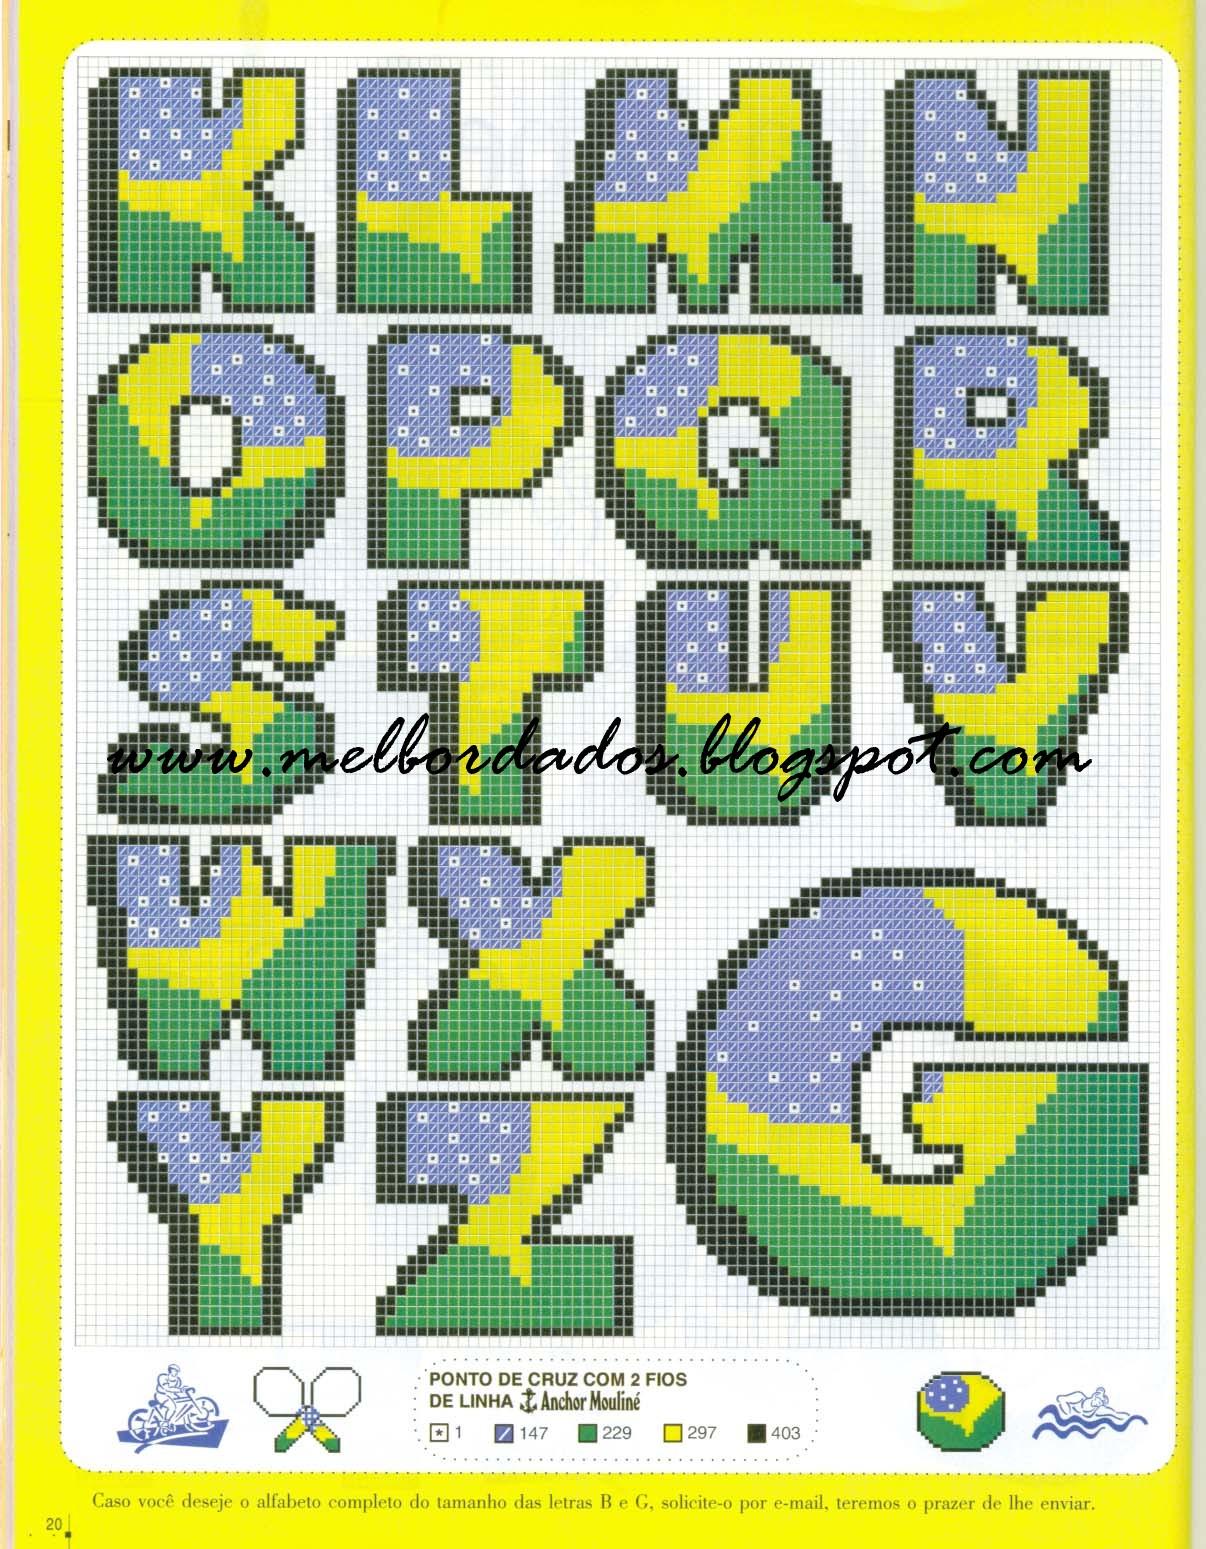 http://1.bp.blogspot.com/_cw-GP1qxEXY/S9Lg-bdHqGI/AAAAAAAAAHU/Rk5sBxp4dEI/s1600/Alfabeto_Brasil_2.jpg